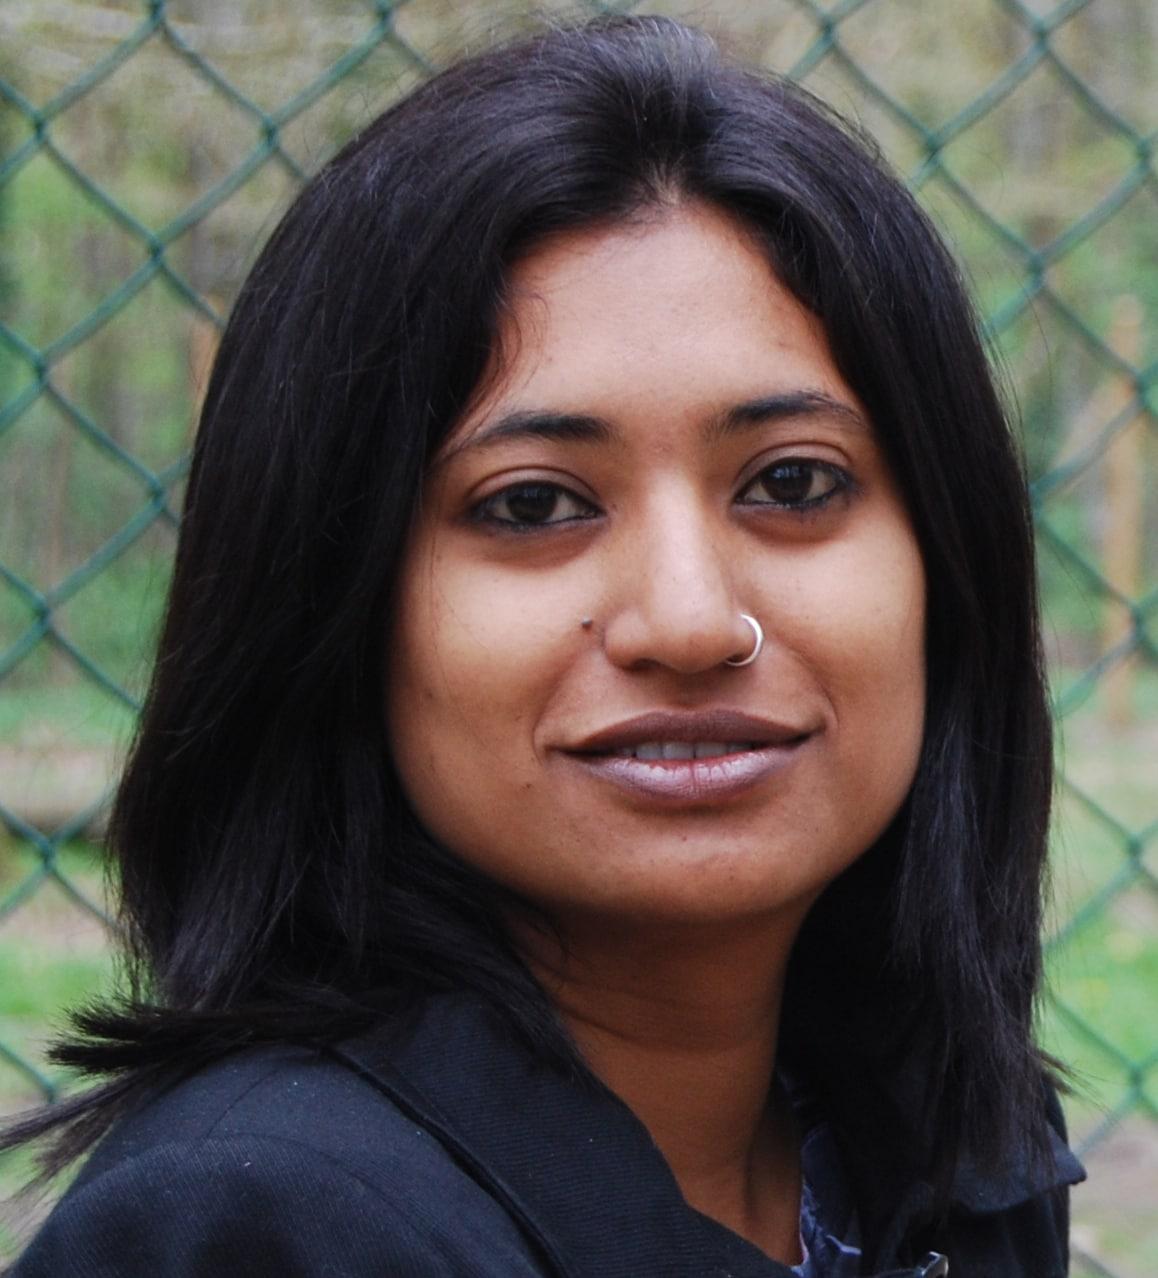 Deviba From Ahmedabad, India